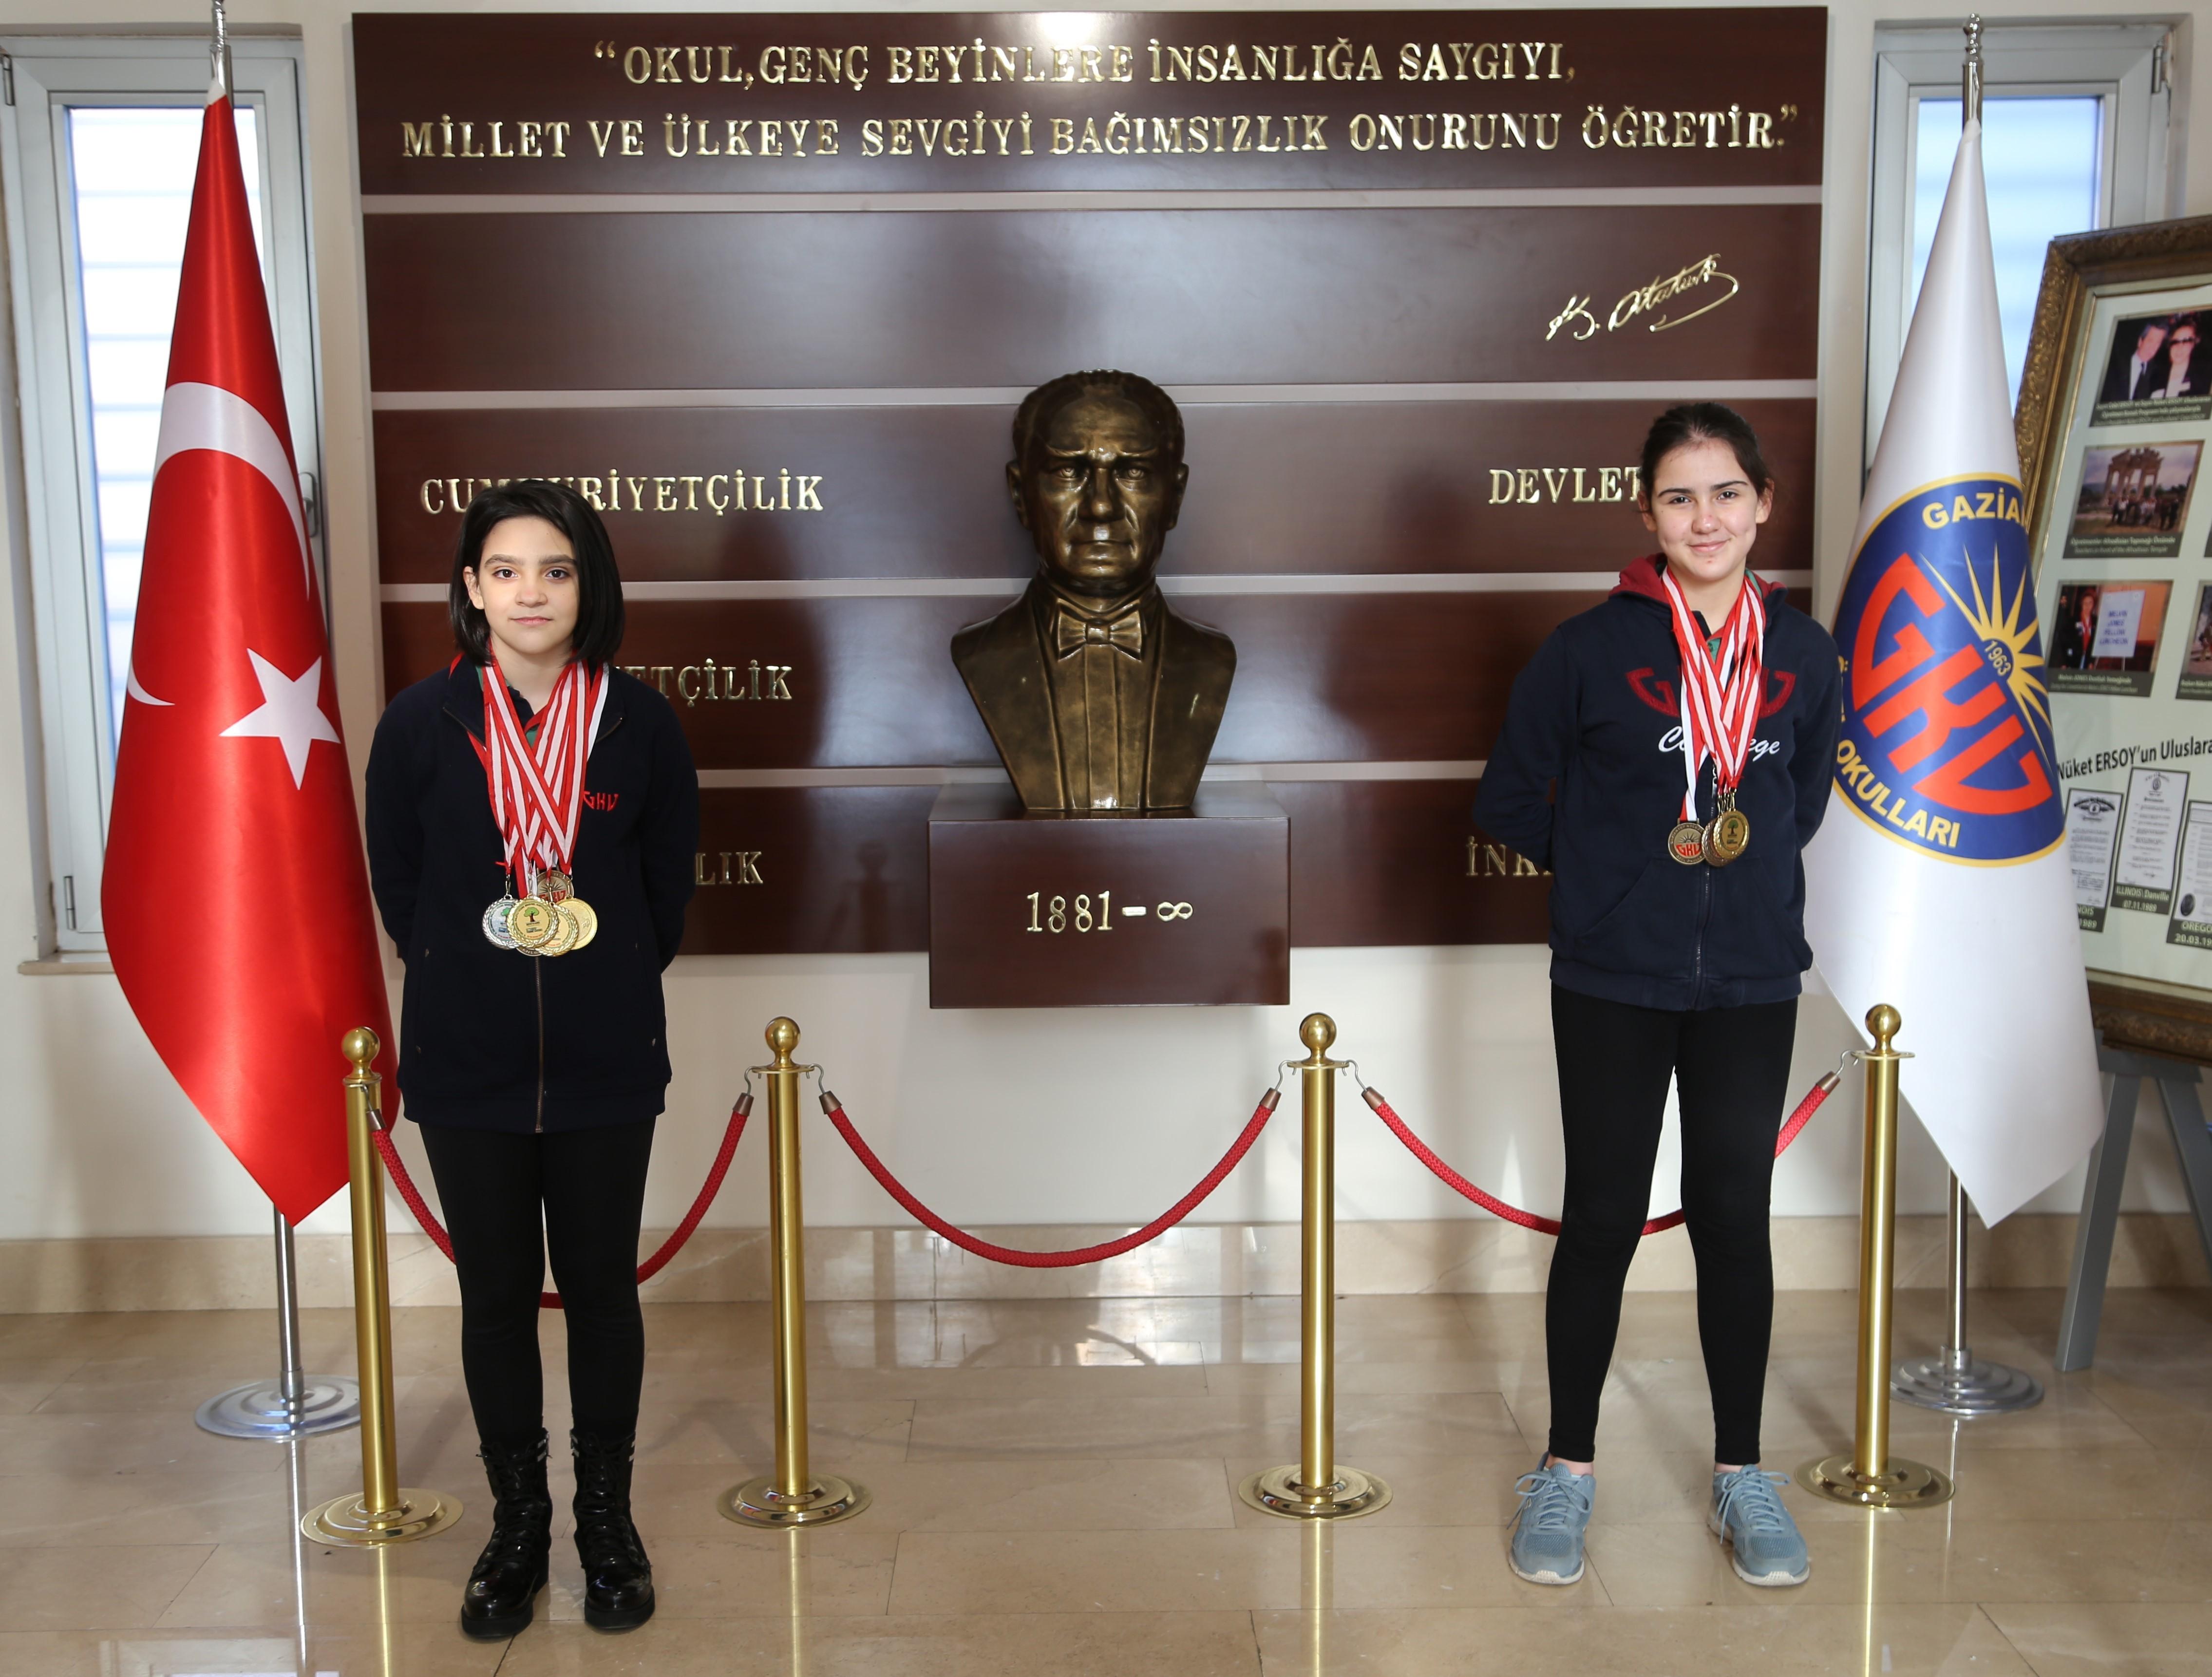 GKV'nin altın kulaçları 4 altın, 1 gümüş ve 3 bronz madalya kazandı